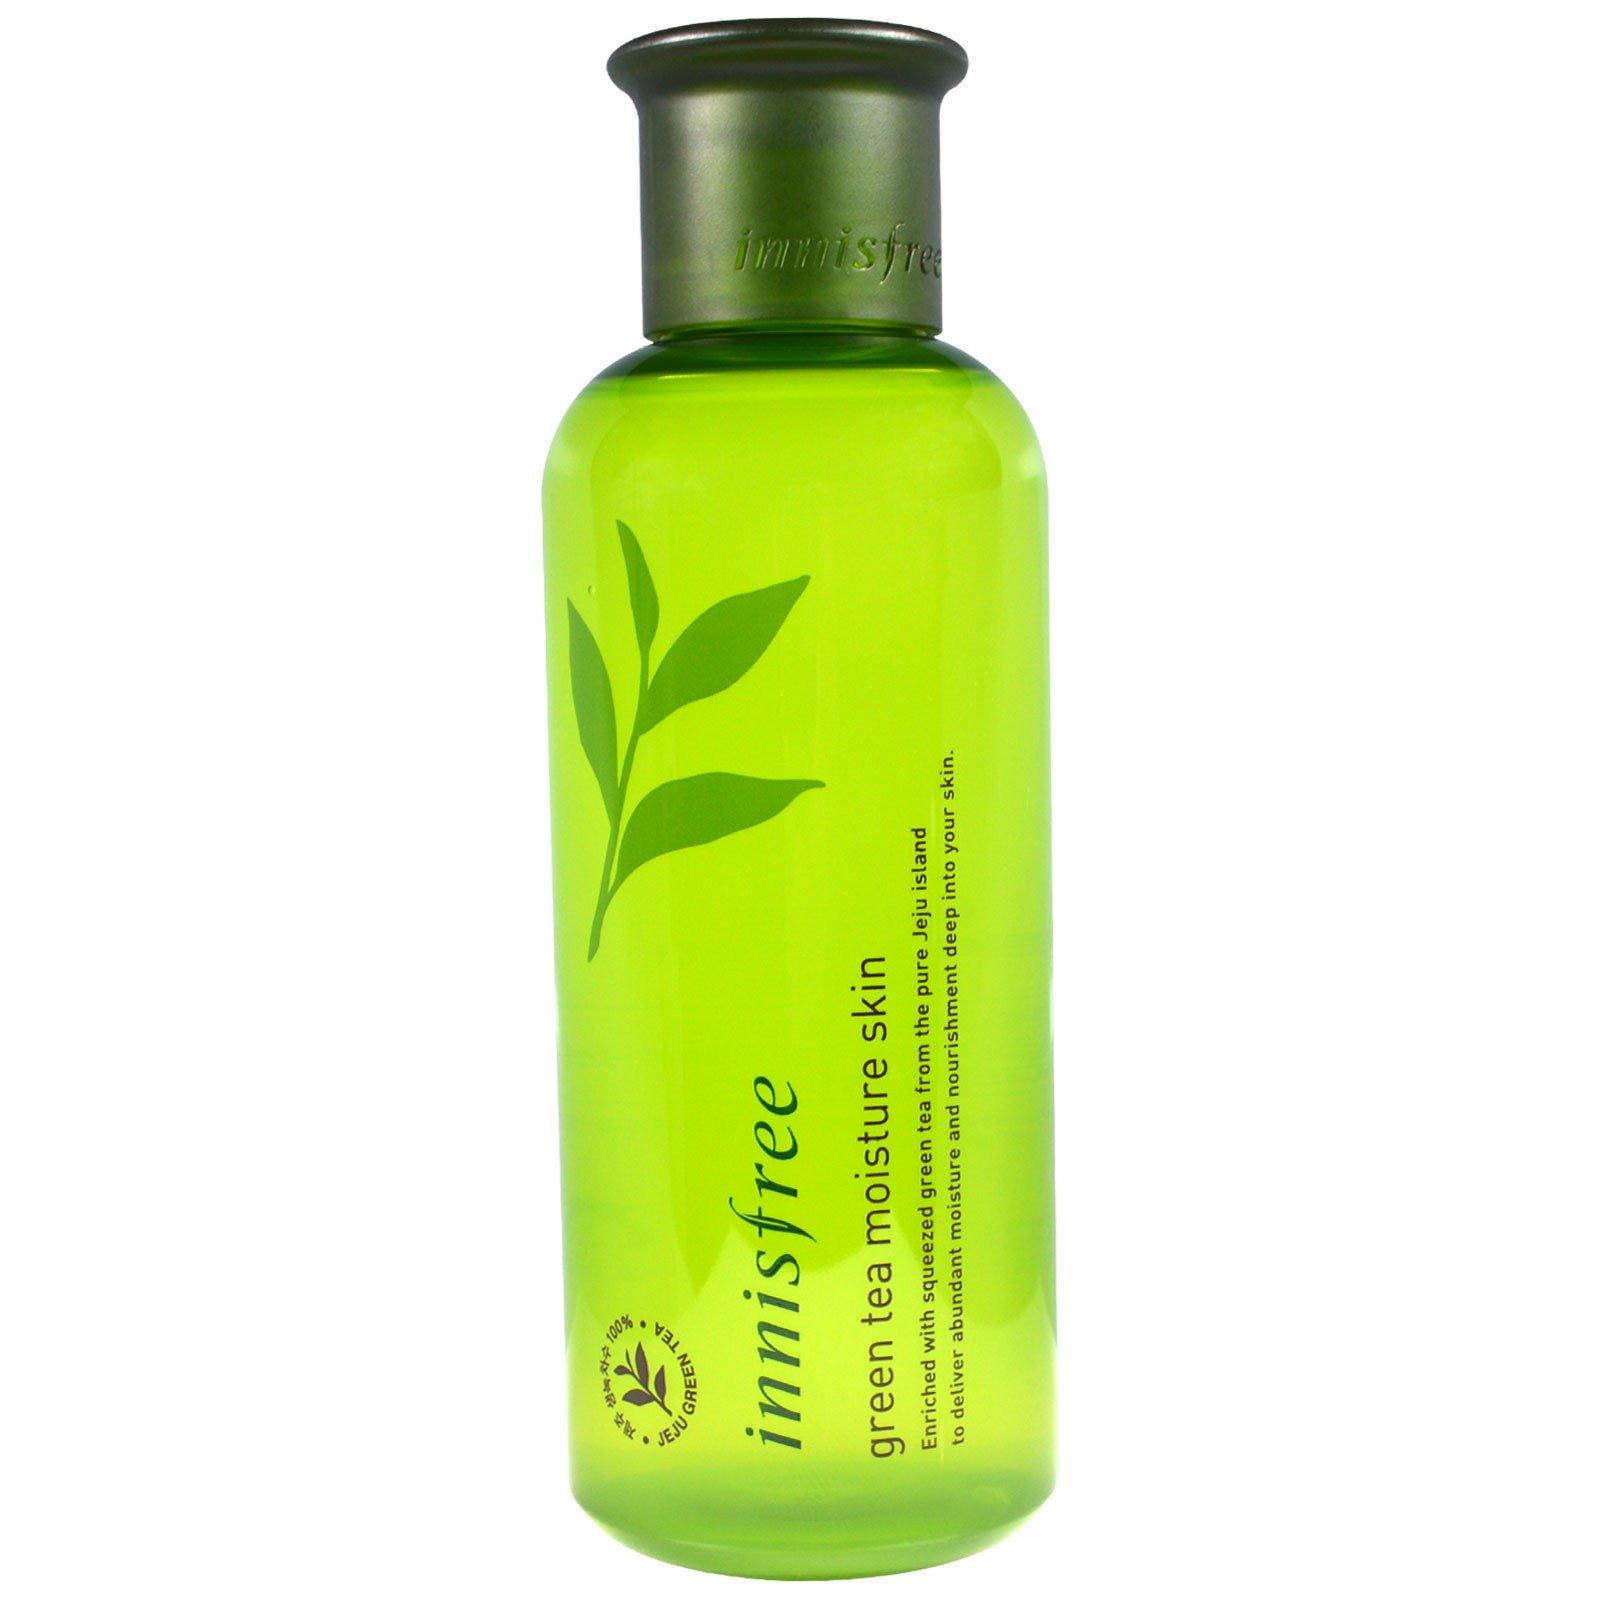 Innisfree, Средство увлажнения кожи с зеленым чаем, 6,7 унции (200 мл)